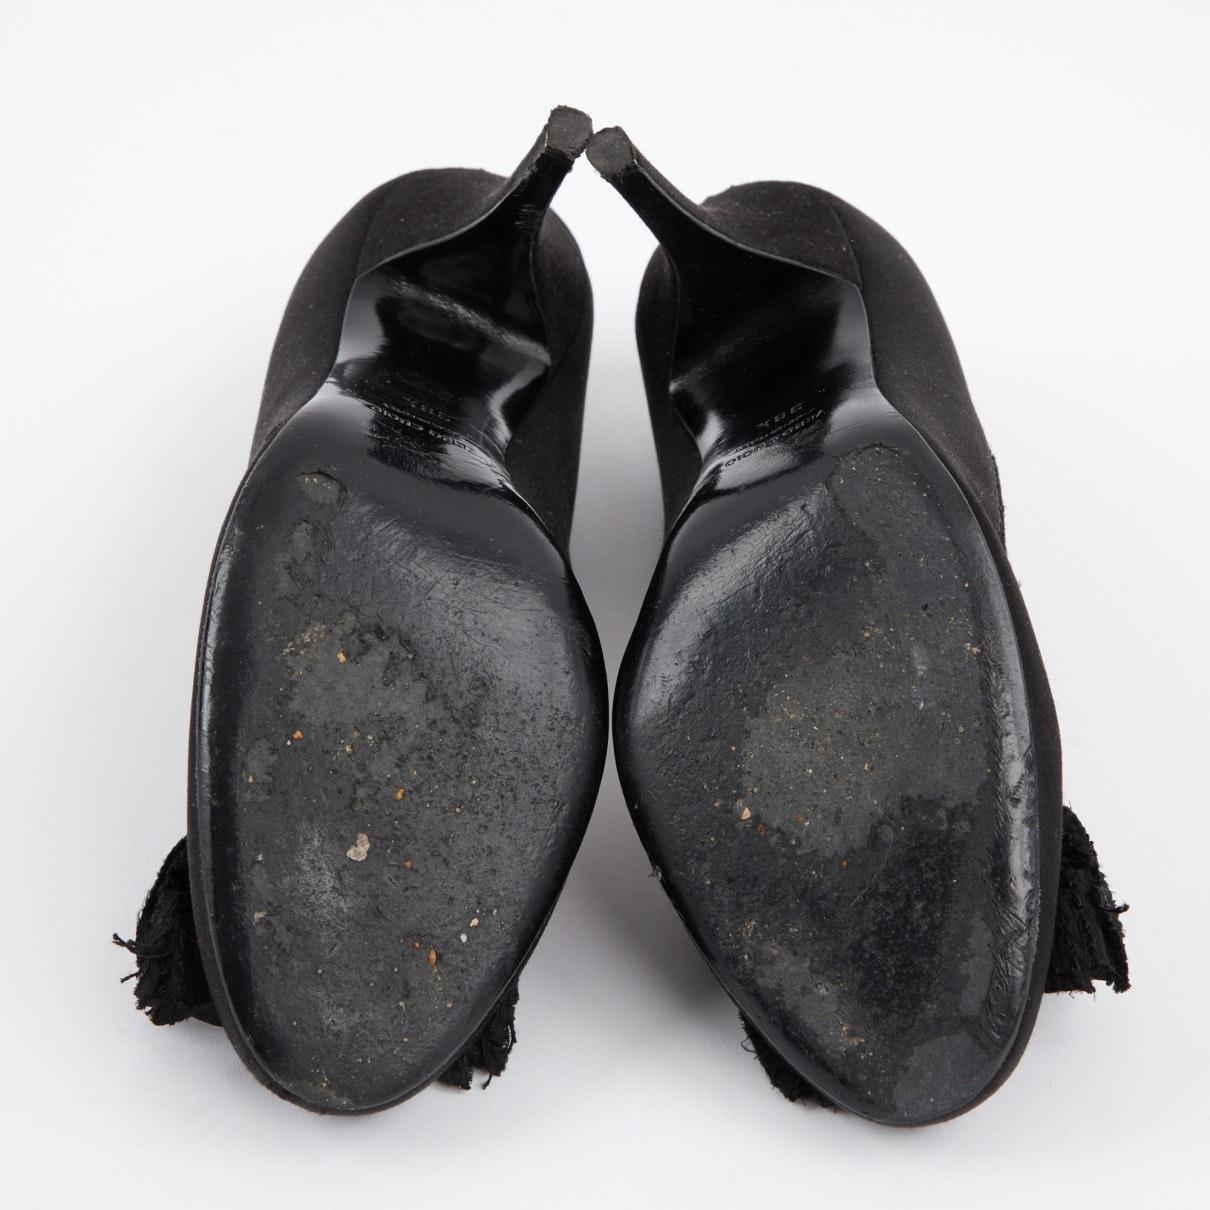 Tacones en lona negro Lanvin de Raso de color Negro